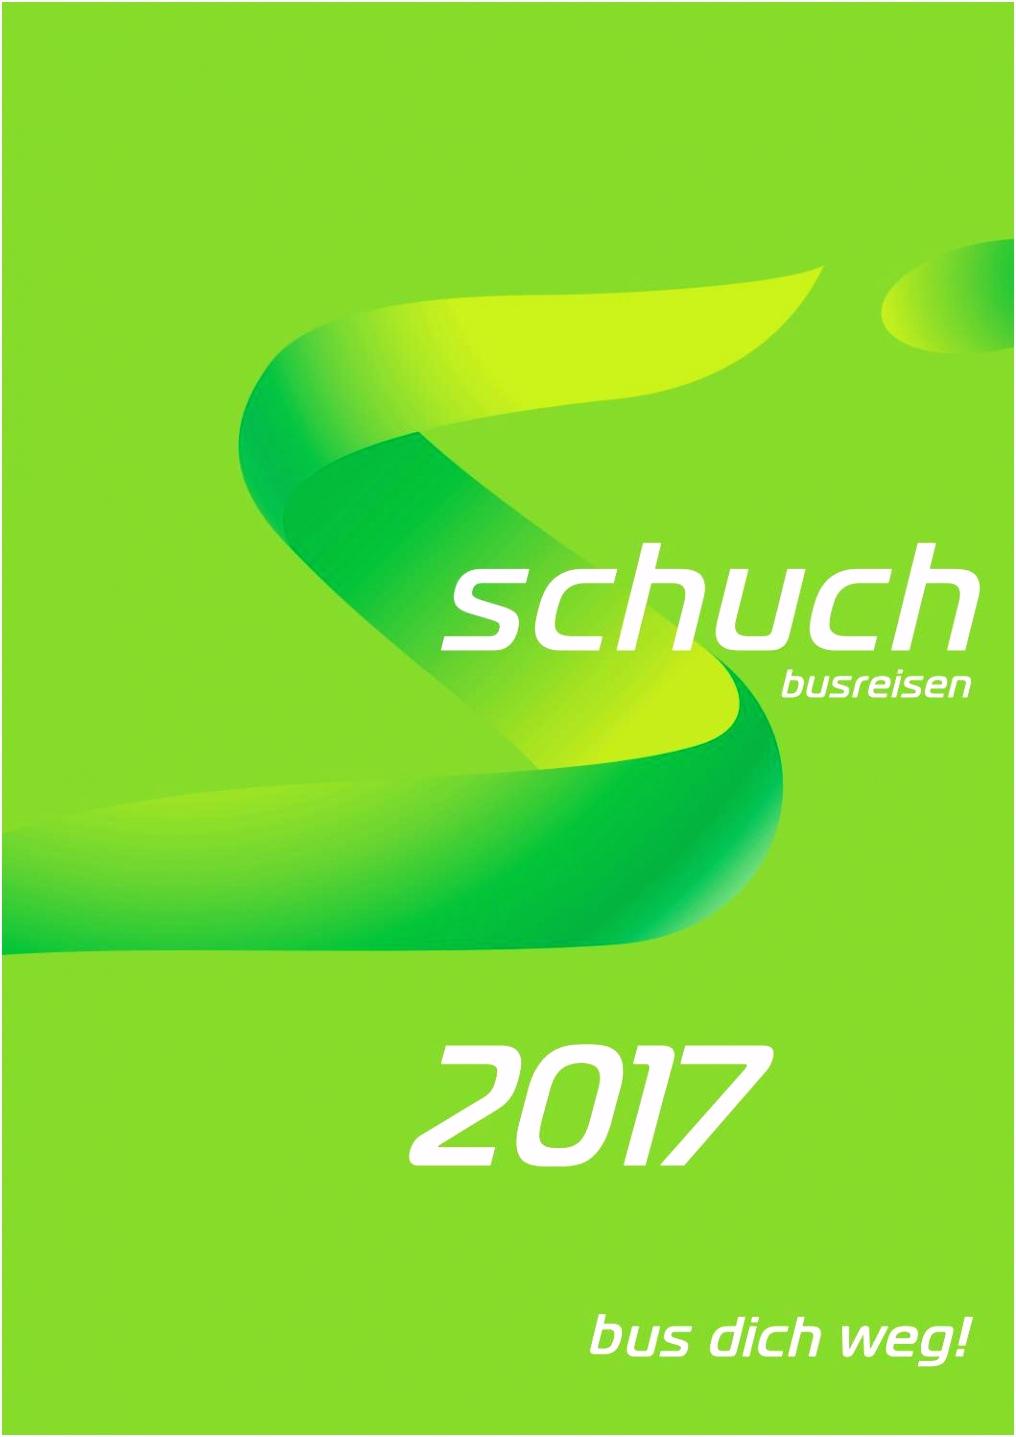 Schuch Busreisen Katalog 2017 by Seier GmbH issuu